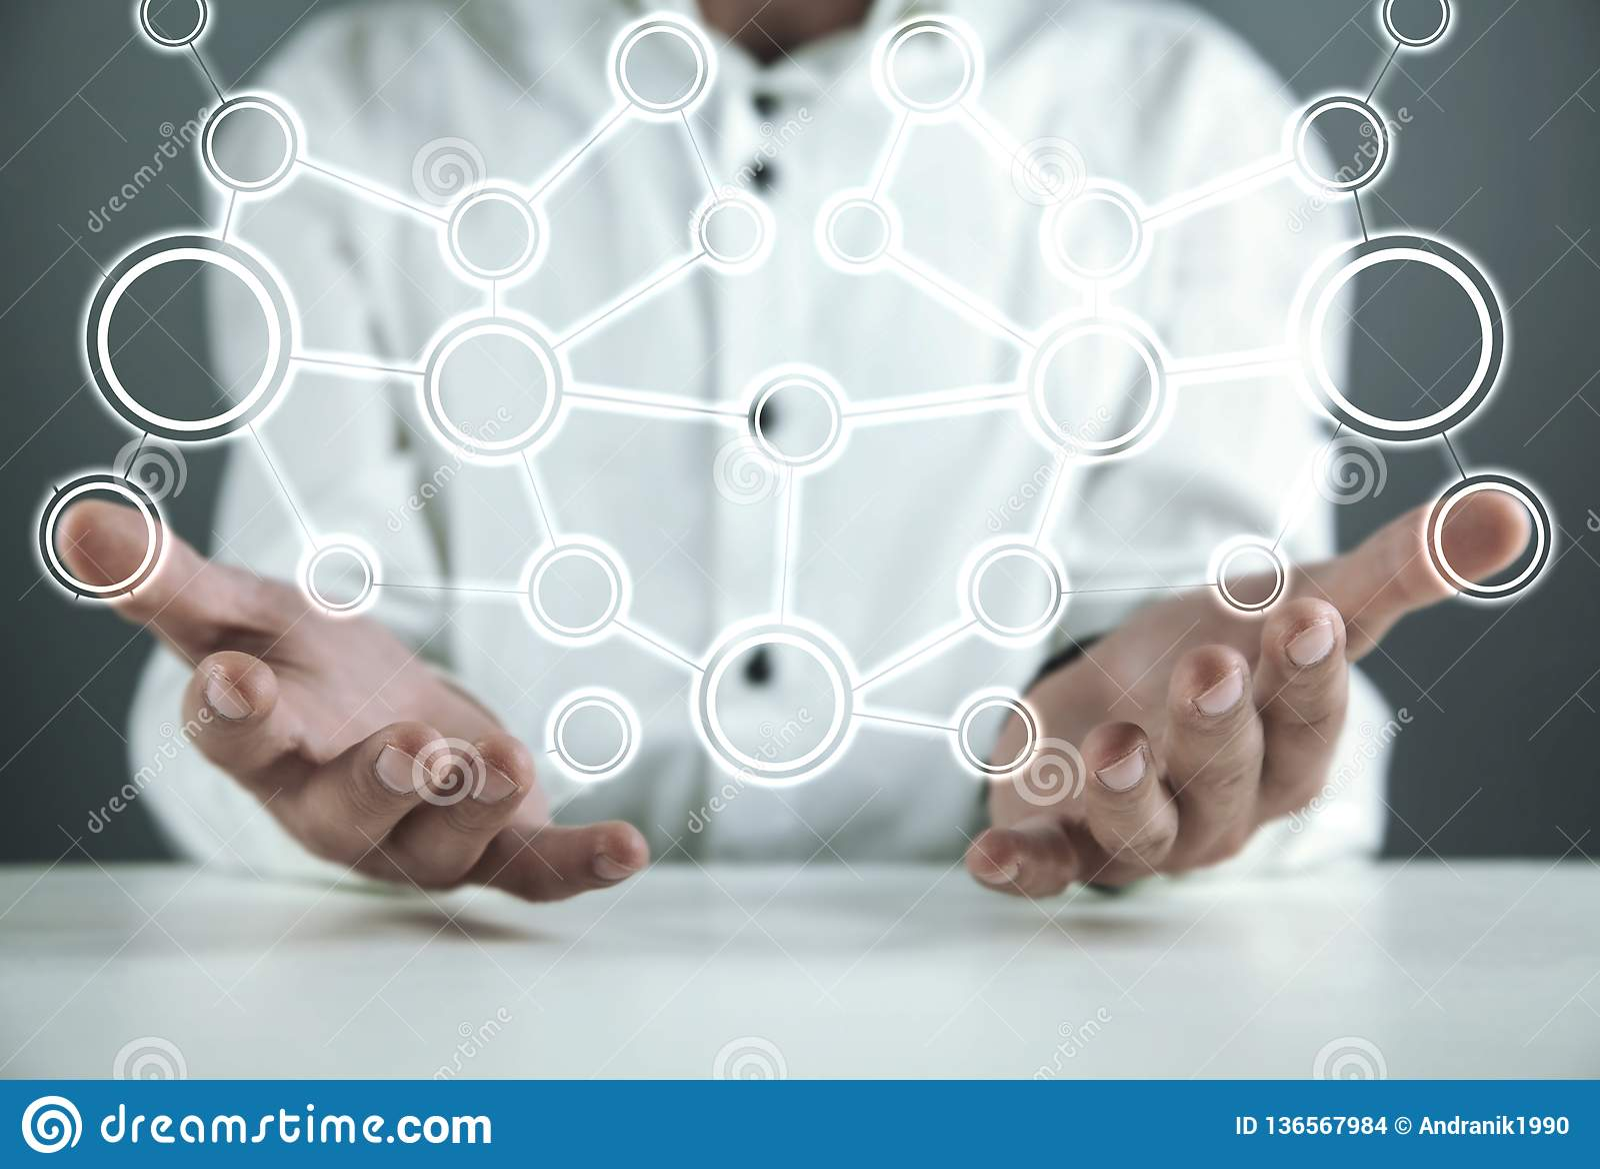 Concept netwerk Internet-mededeling